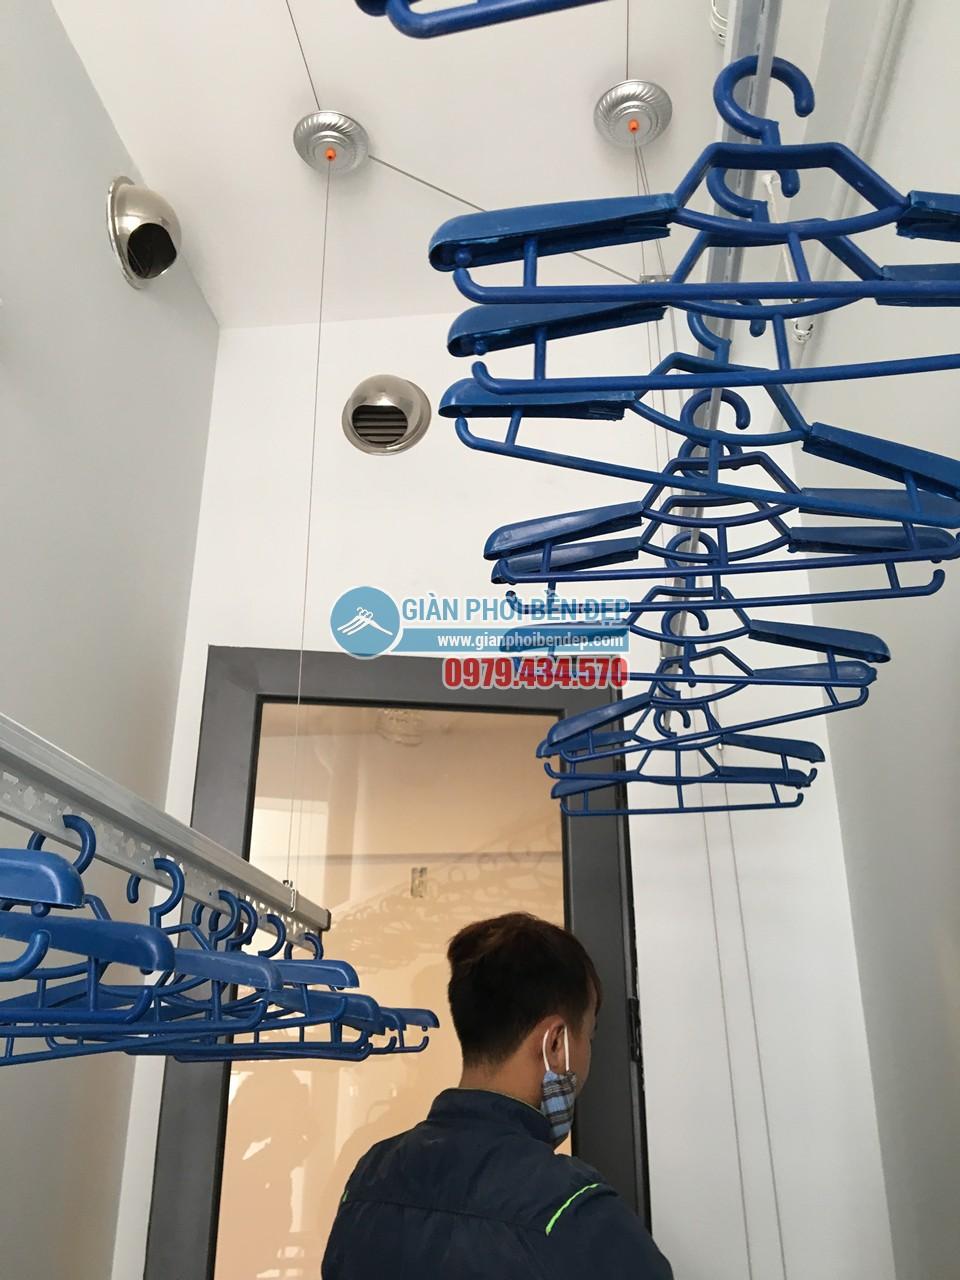 Hoàn thiện lắp đặt giàn phơi thông minh tại lô gia nhà chị Hương, Gamuda - 05